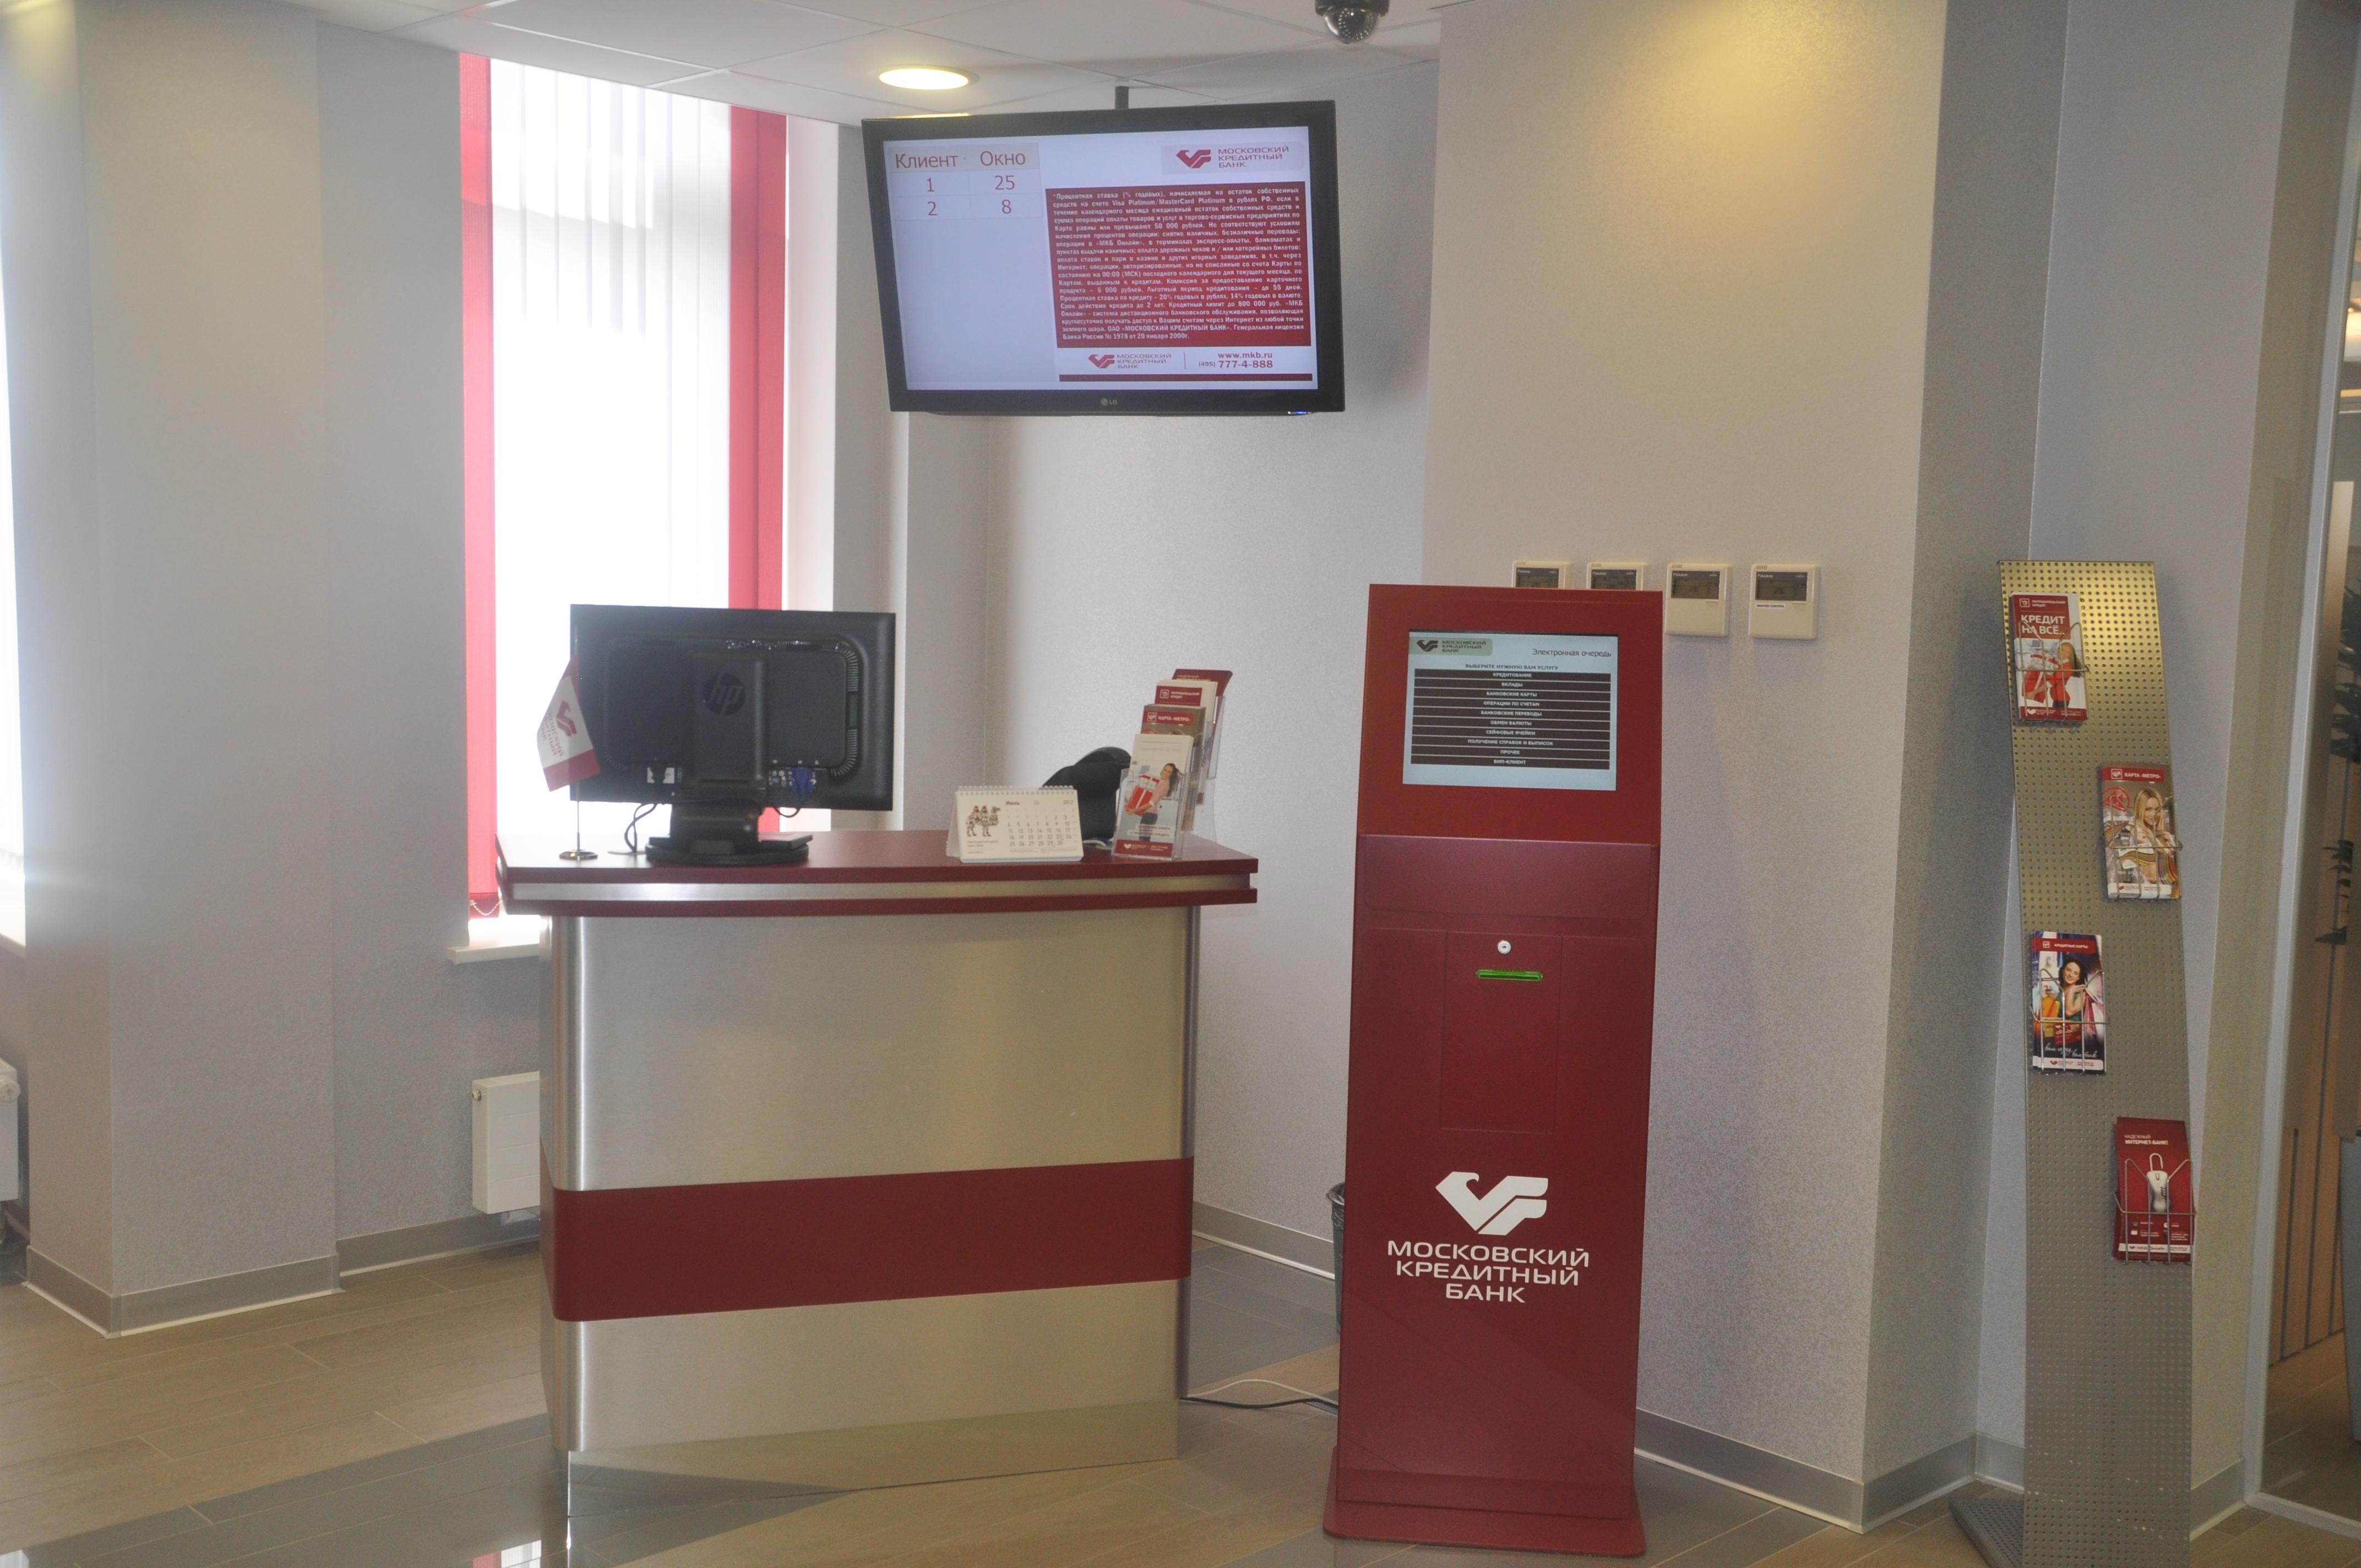 Офис филиала компании